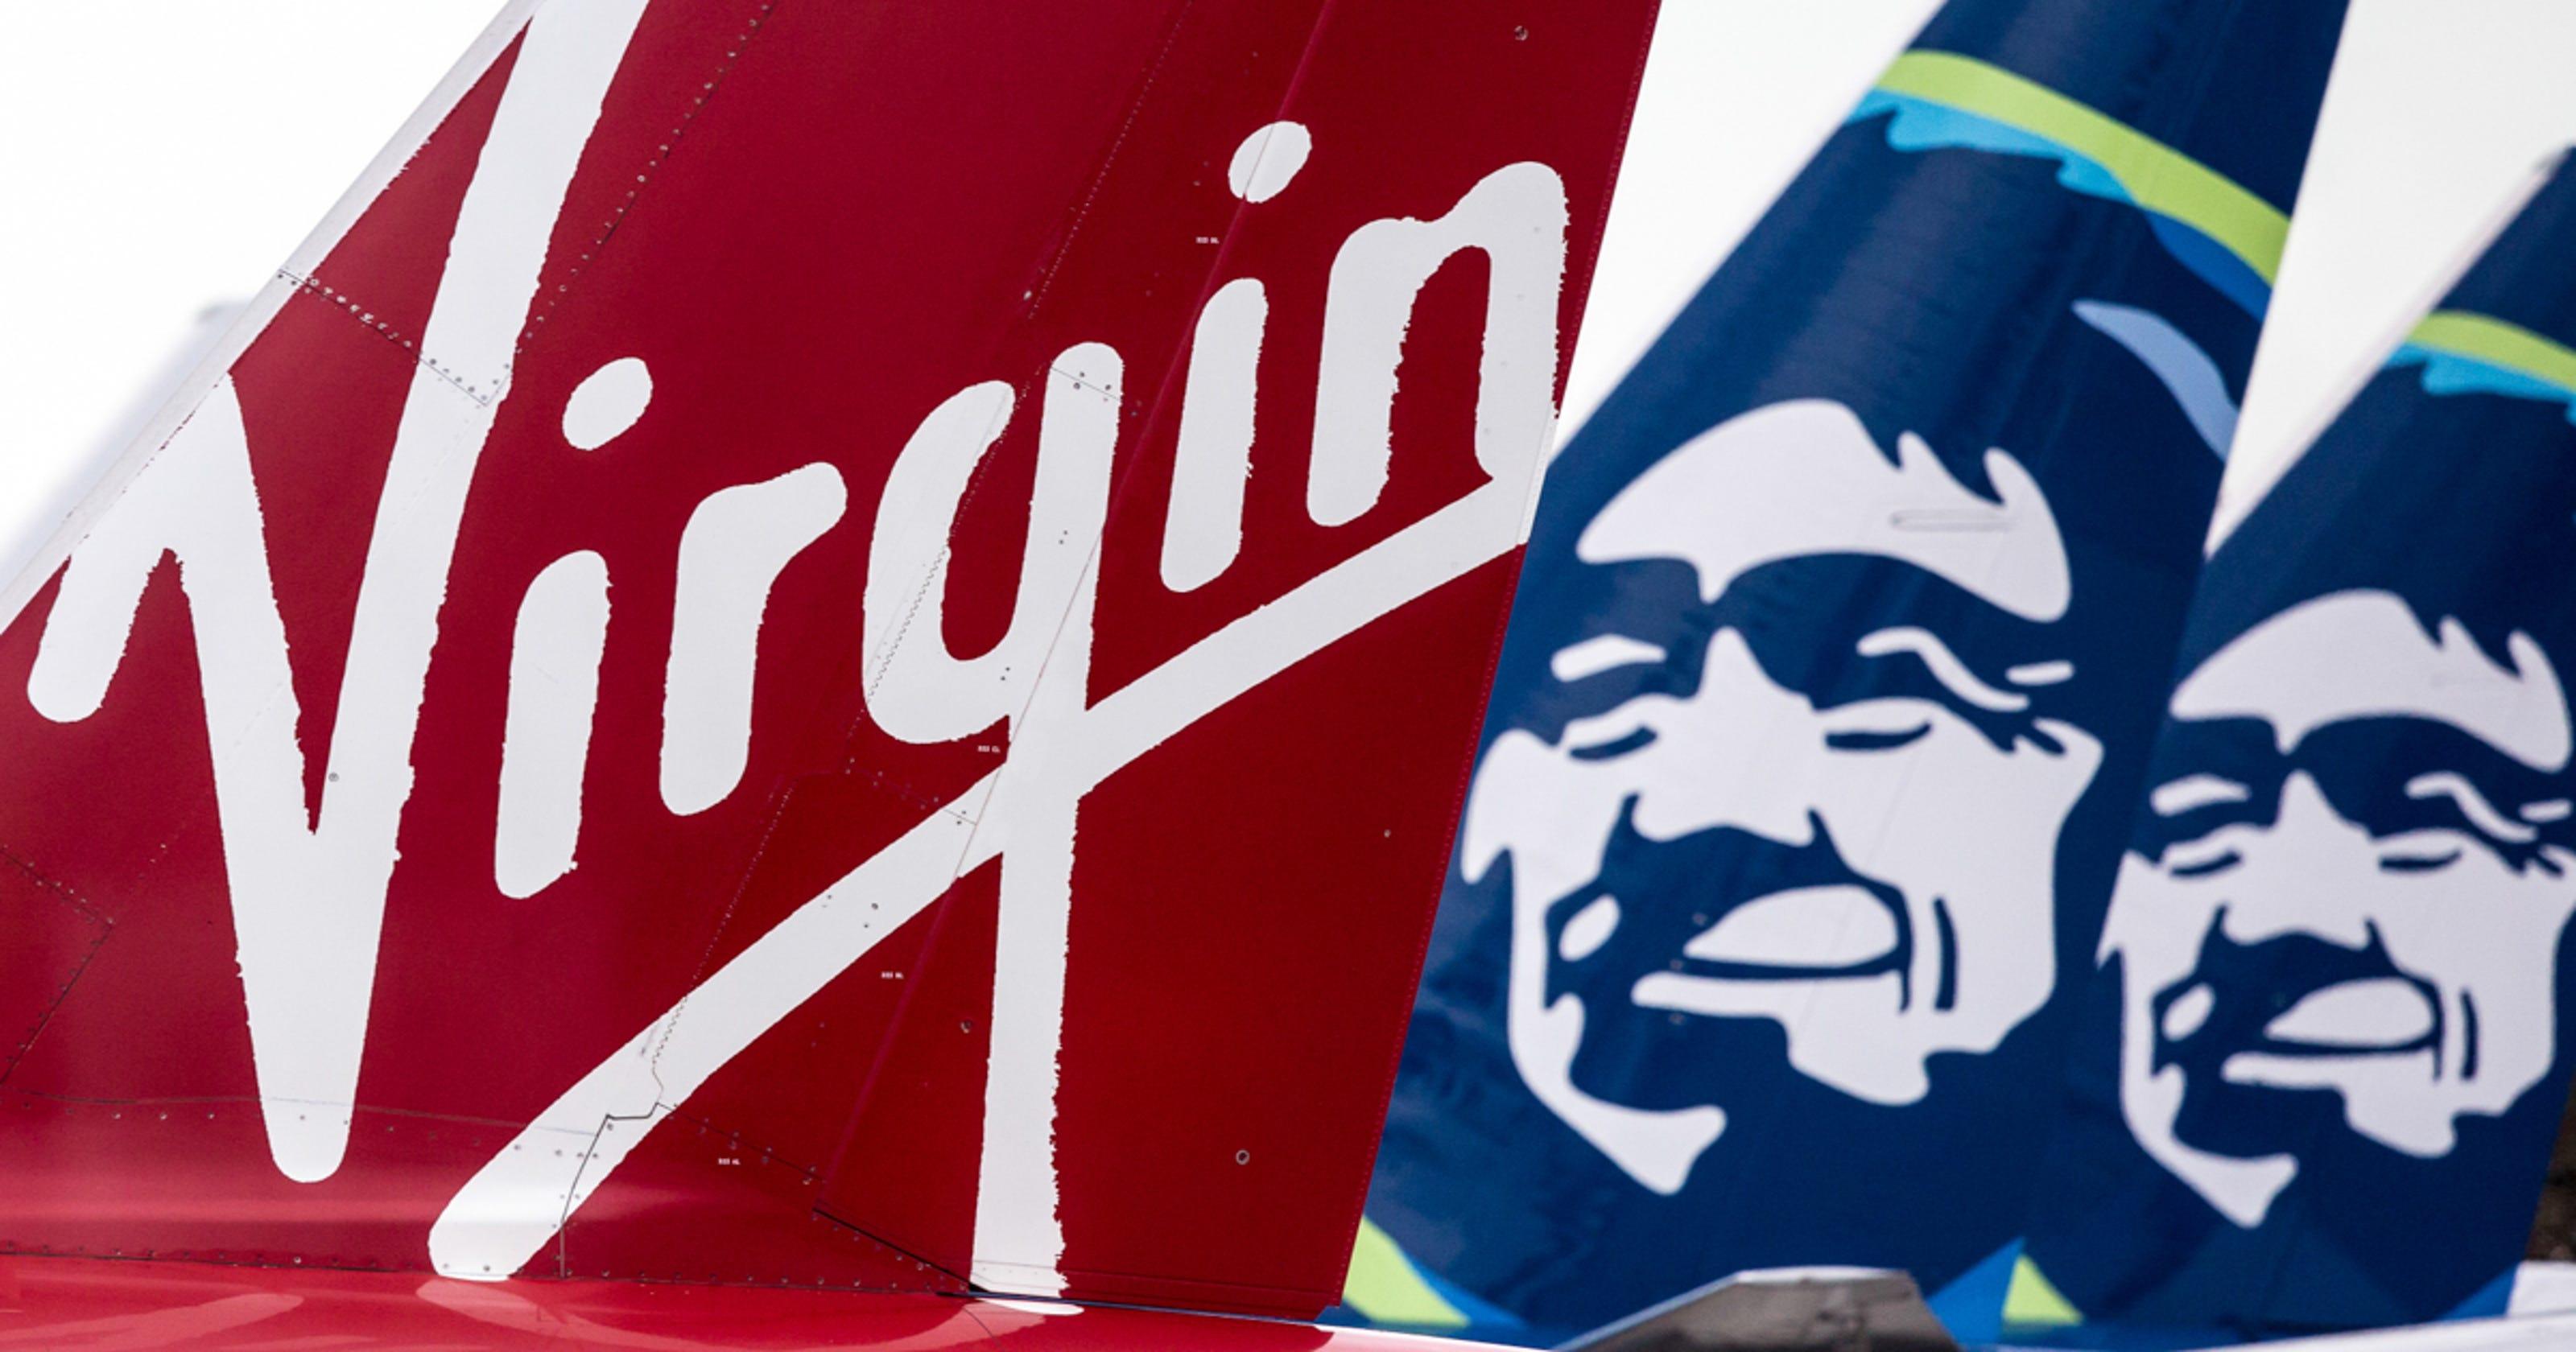 The Virgin America brand will disappear overnight e45eb60ba